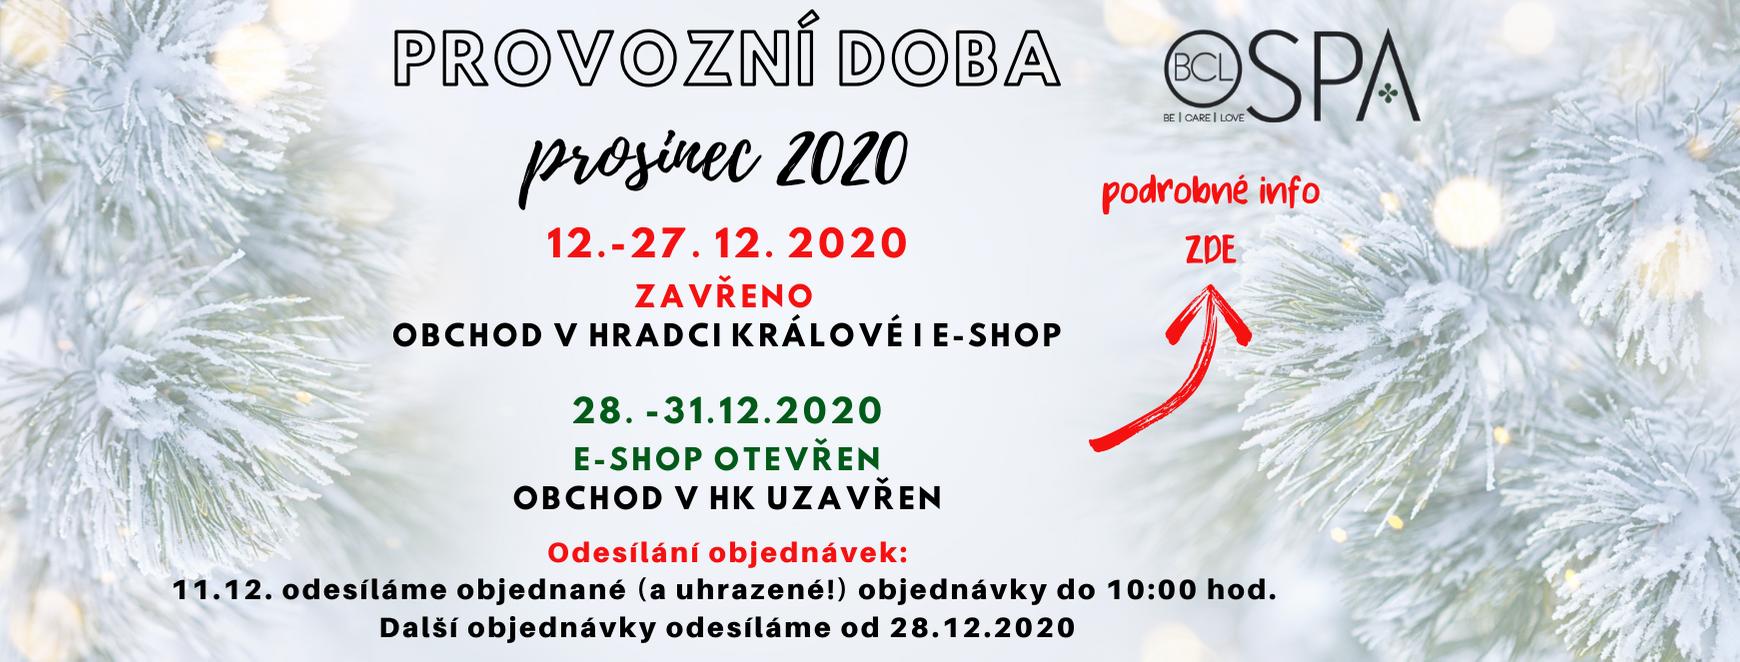 Provozní doba Vánoce 2020